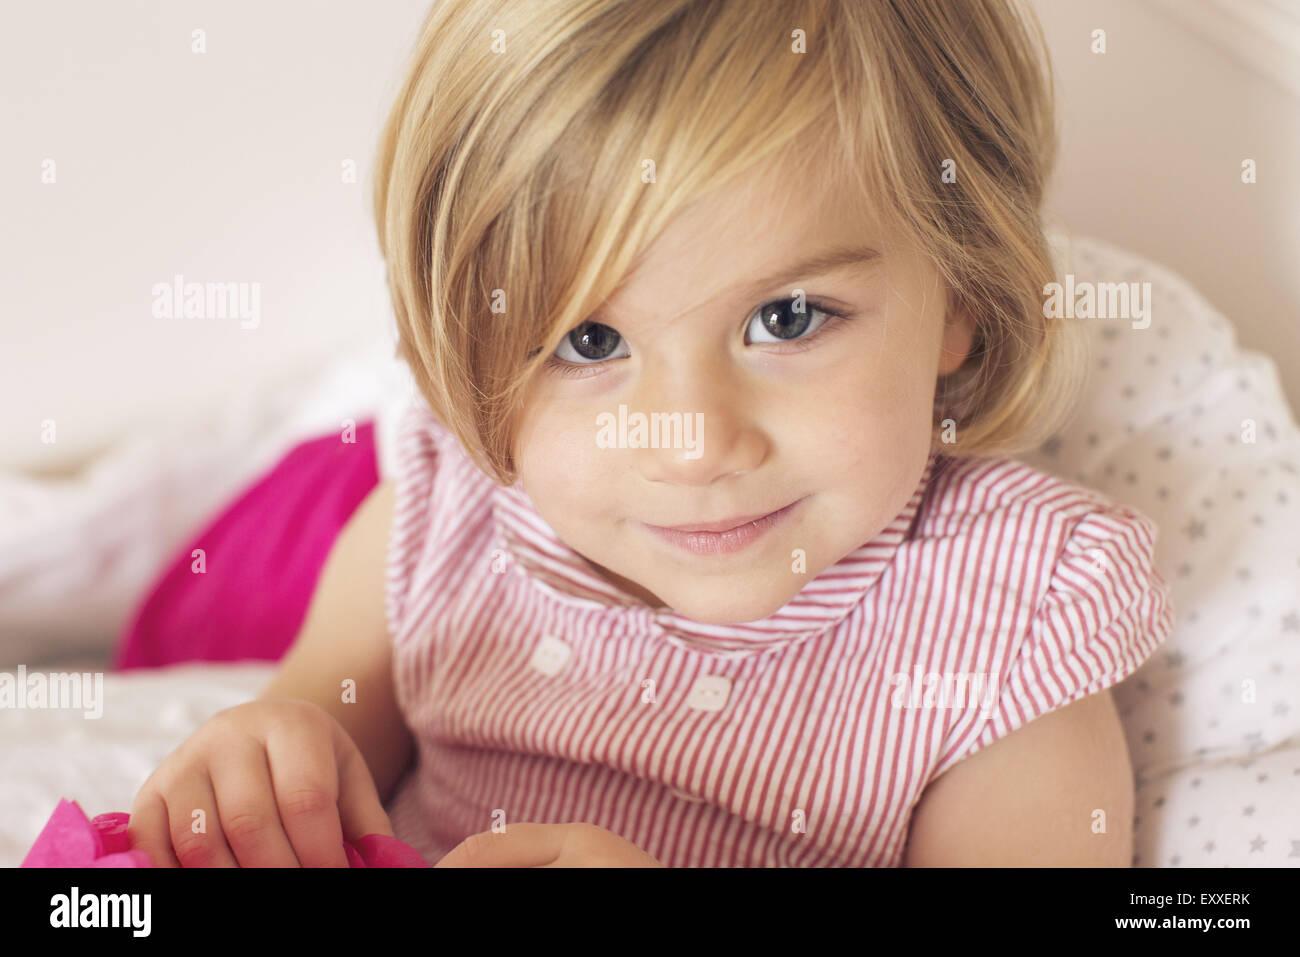 Kleines Mädchen, Porträt Stockbild